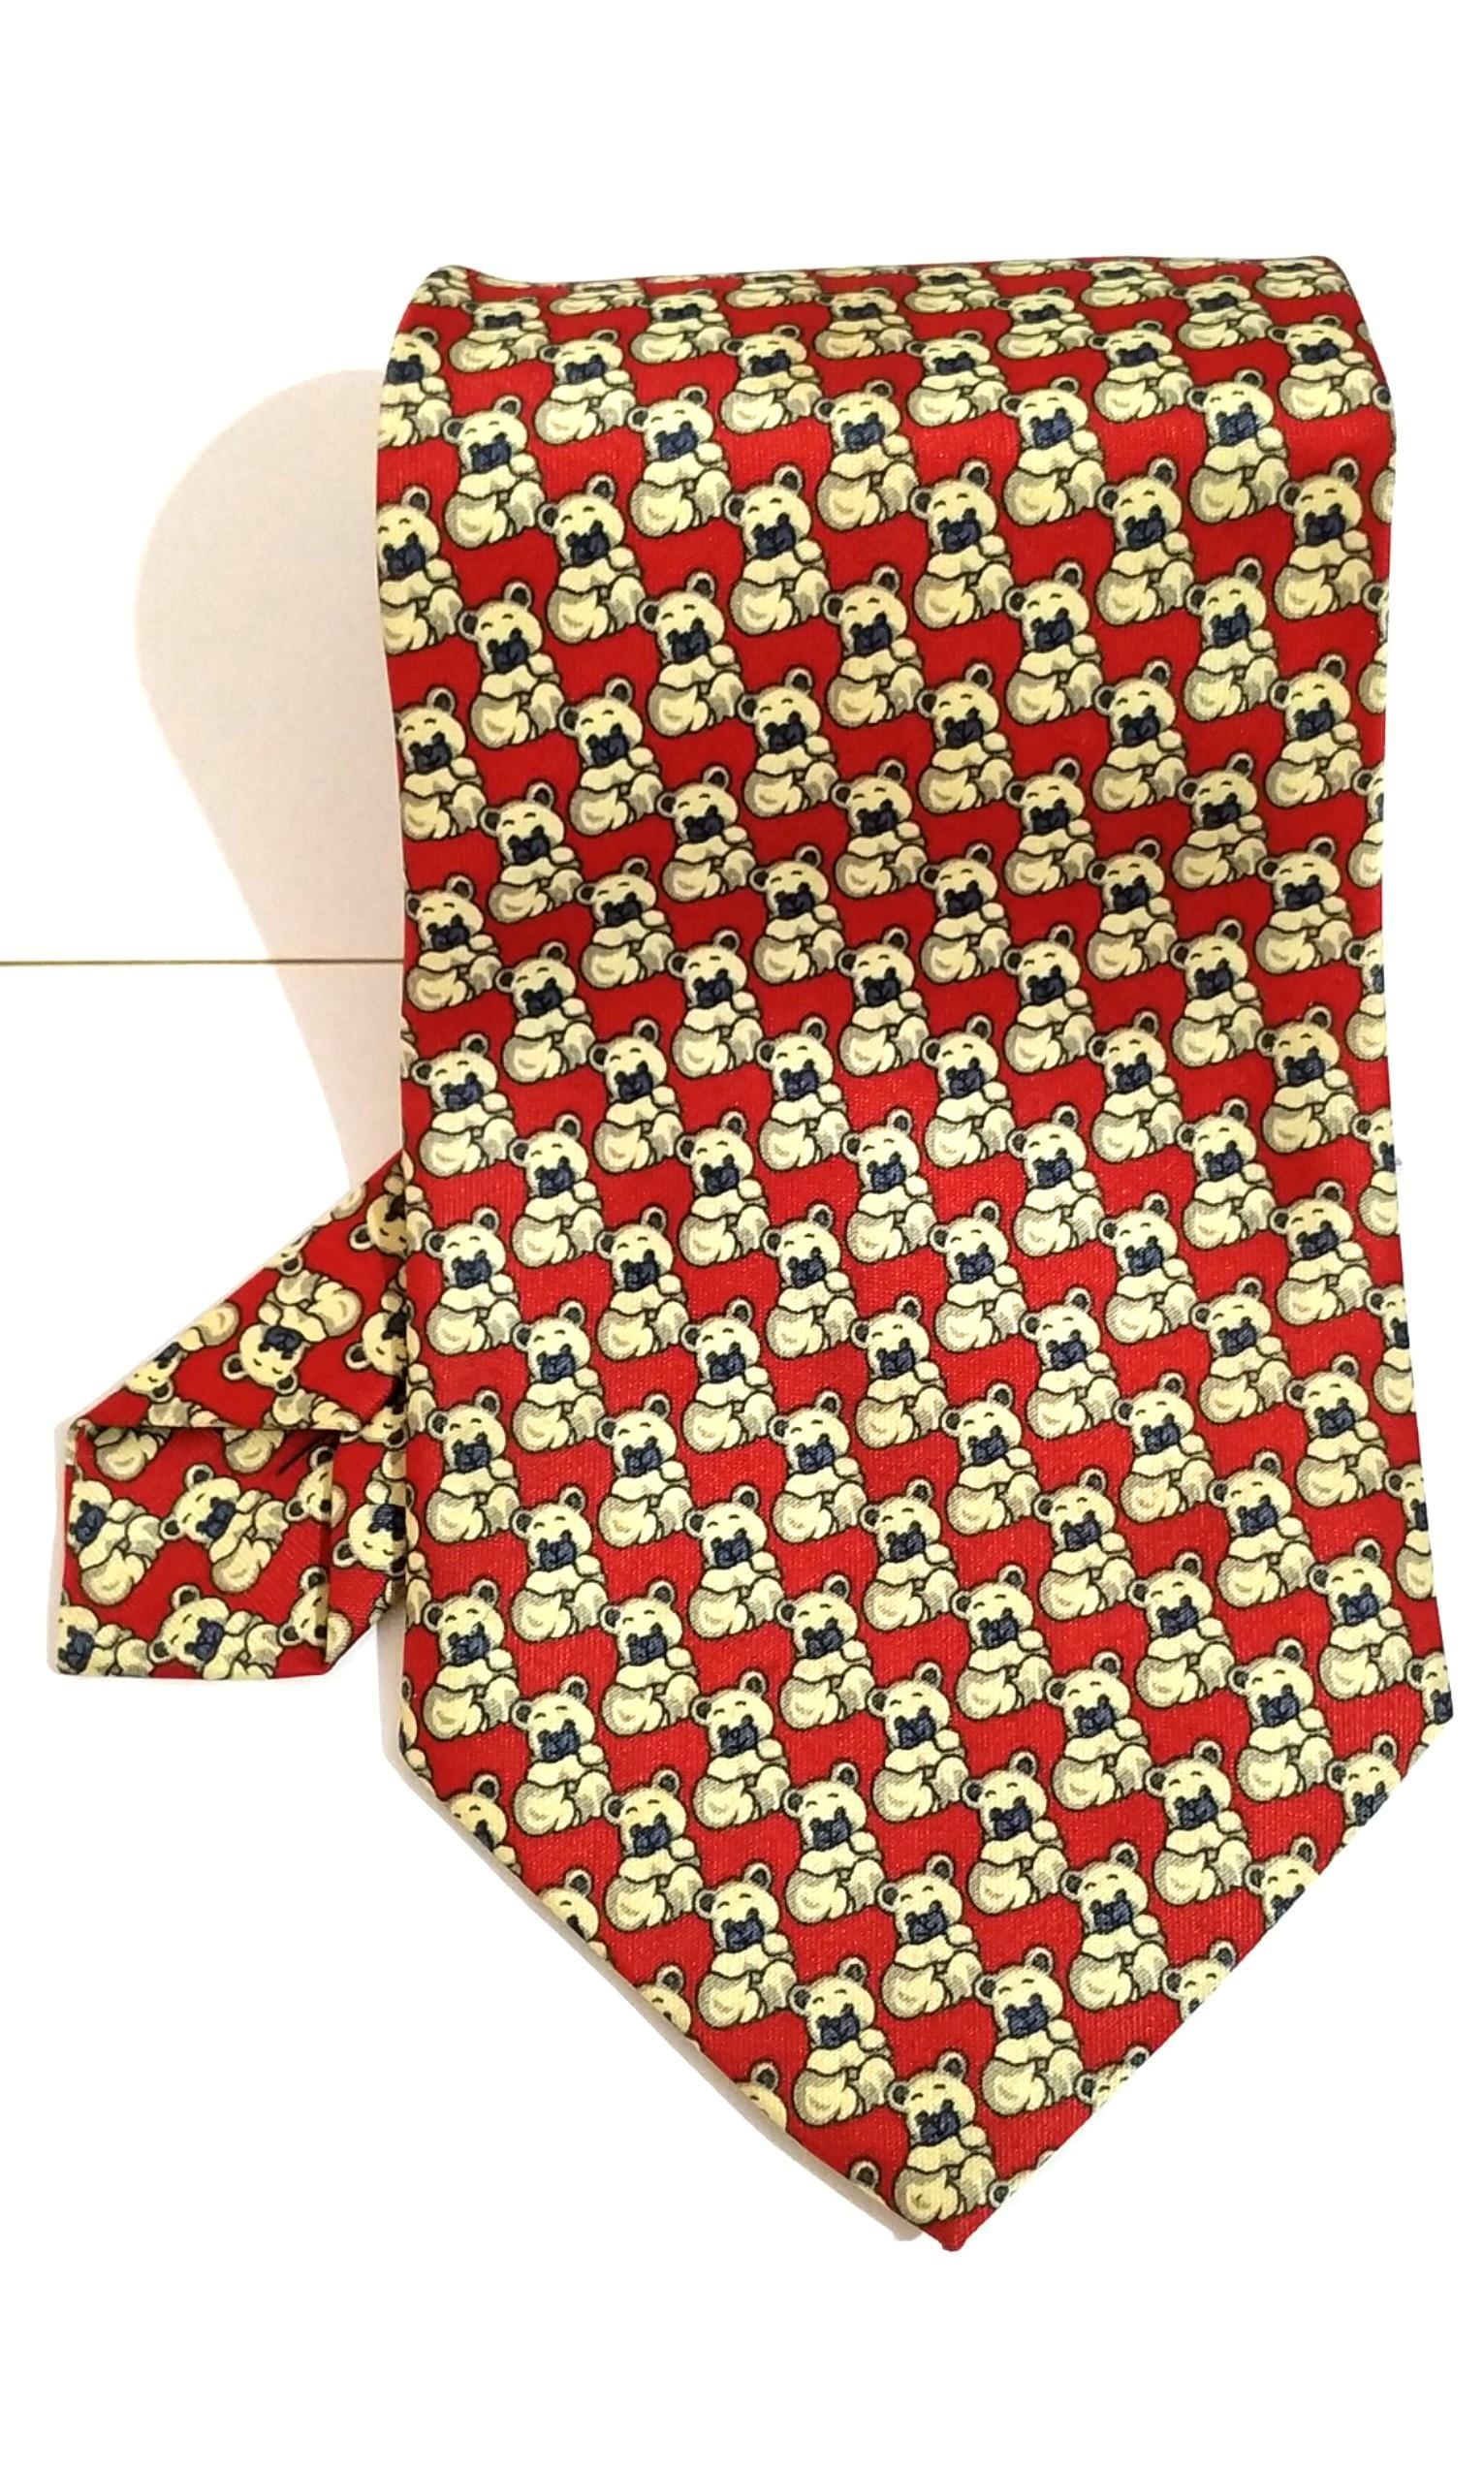 Dasi Lucu Merah Gambar Beruang #BAPAU